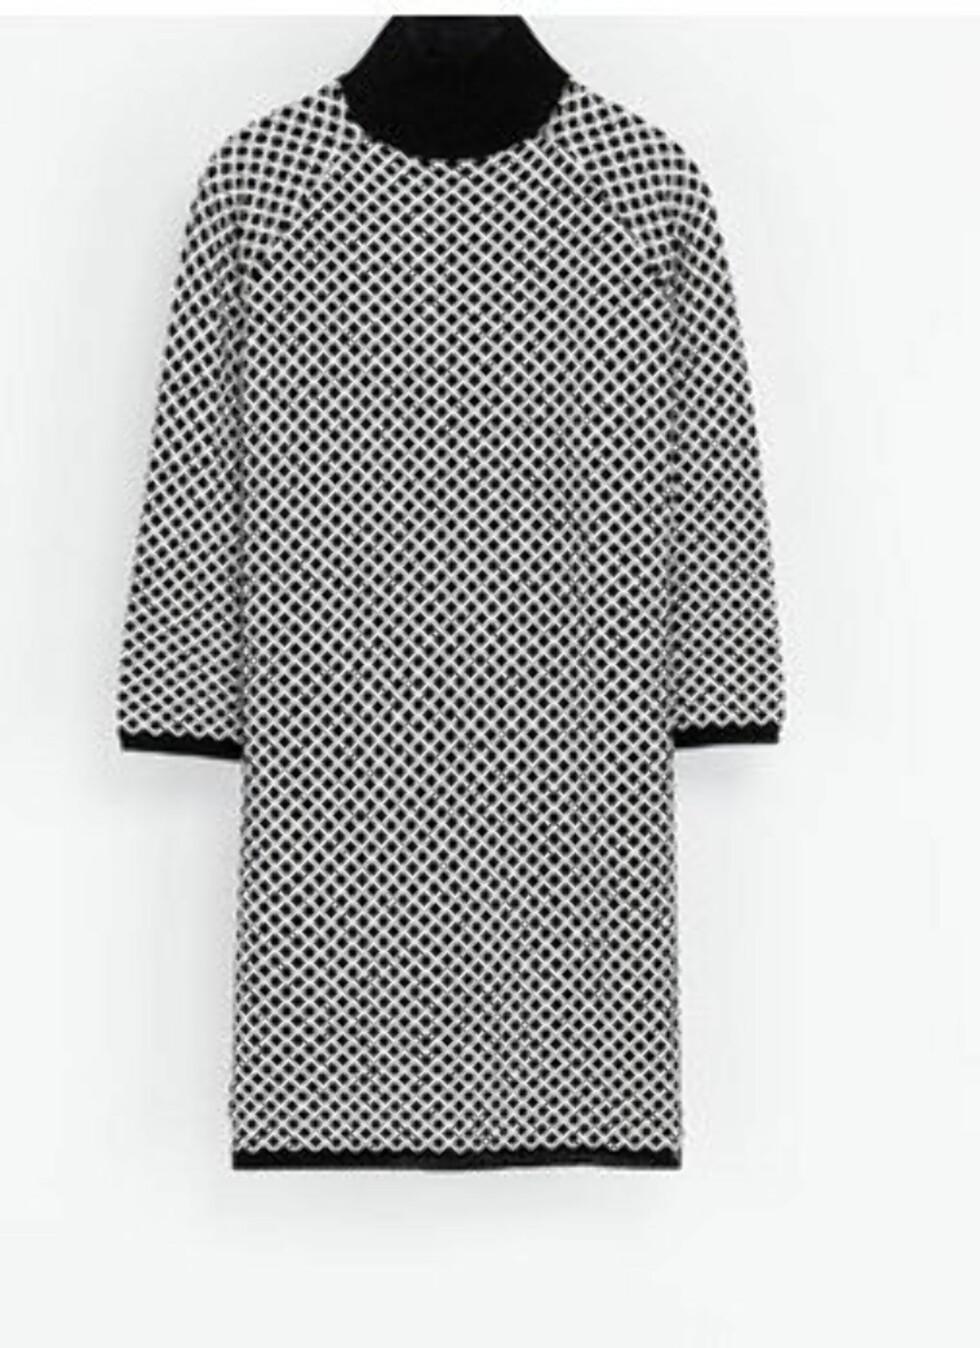 Stilig høyhalset kjole i strikk - 399 kroner, Zara.no.  Foto: Produsenten